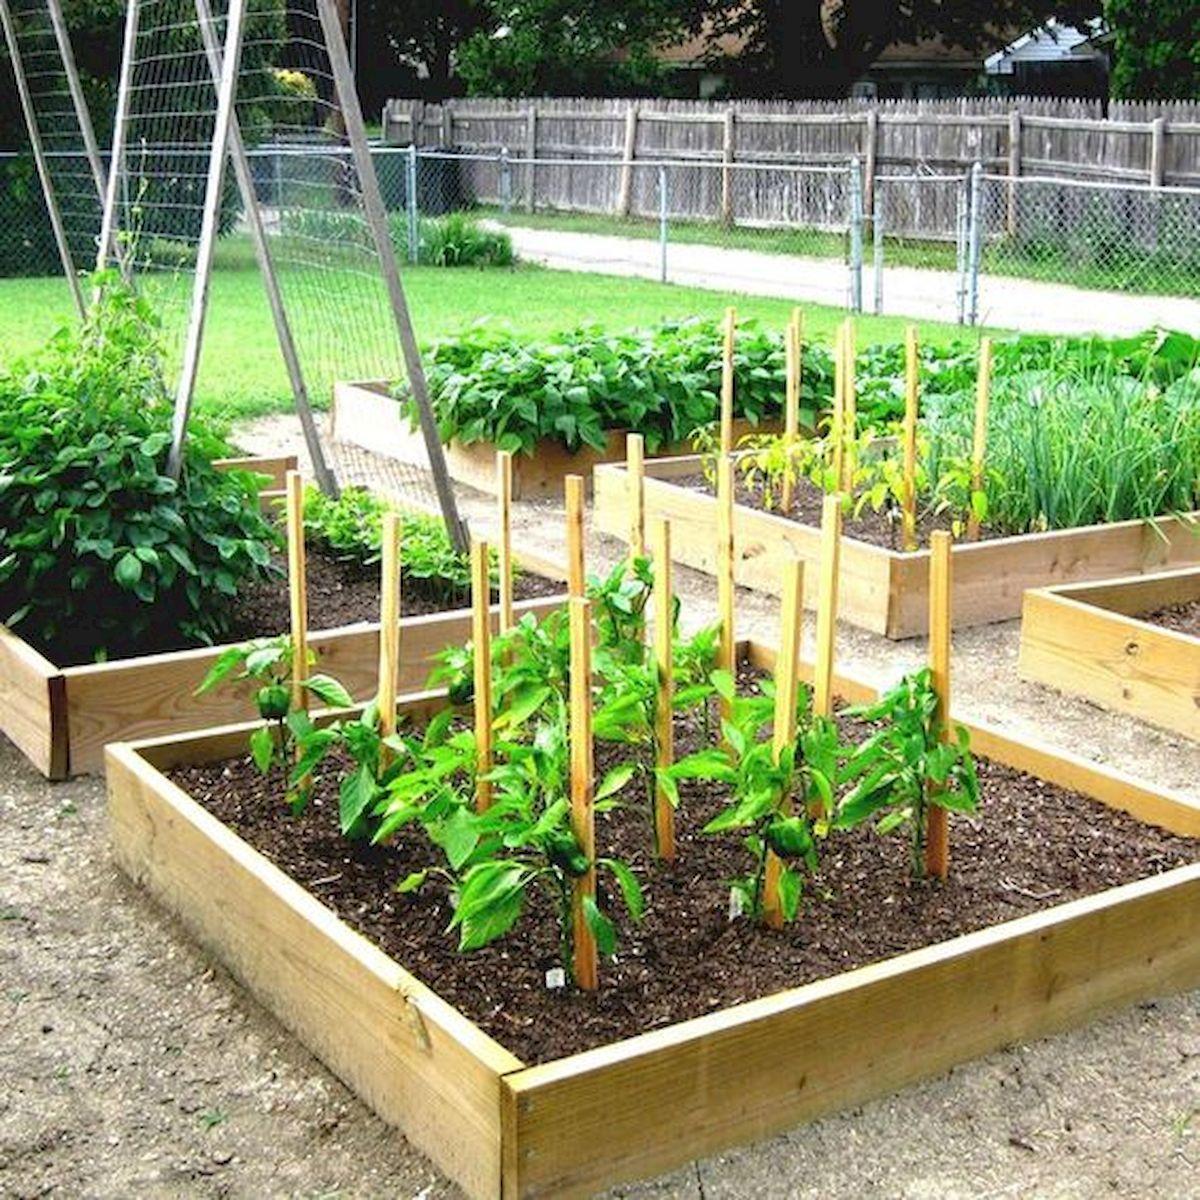 50 Inspiring Small Vegetable Garden Ideas (51) | Garden ...